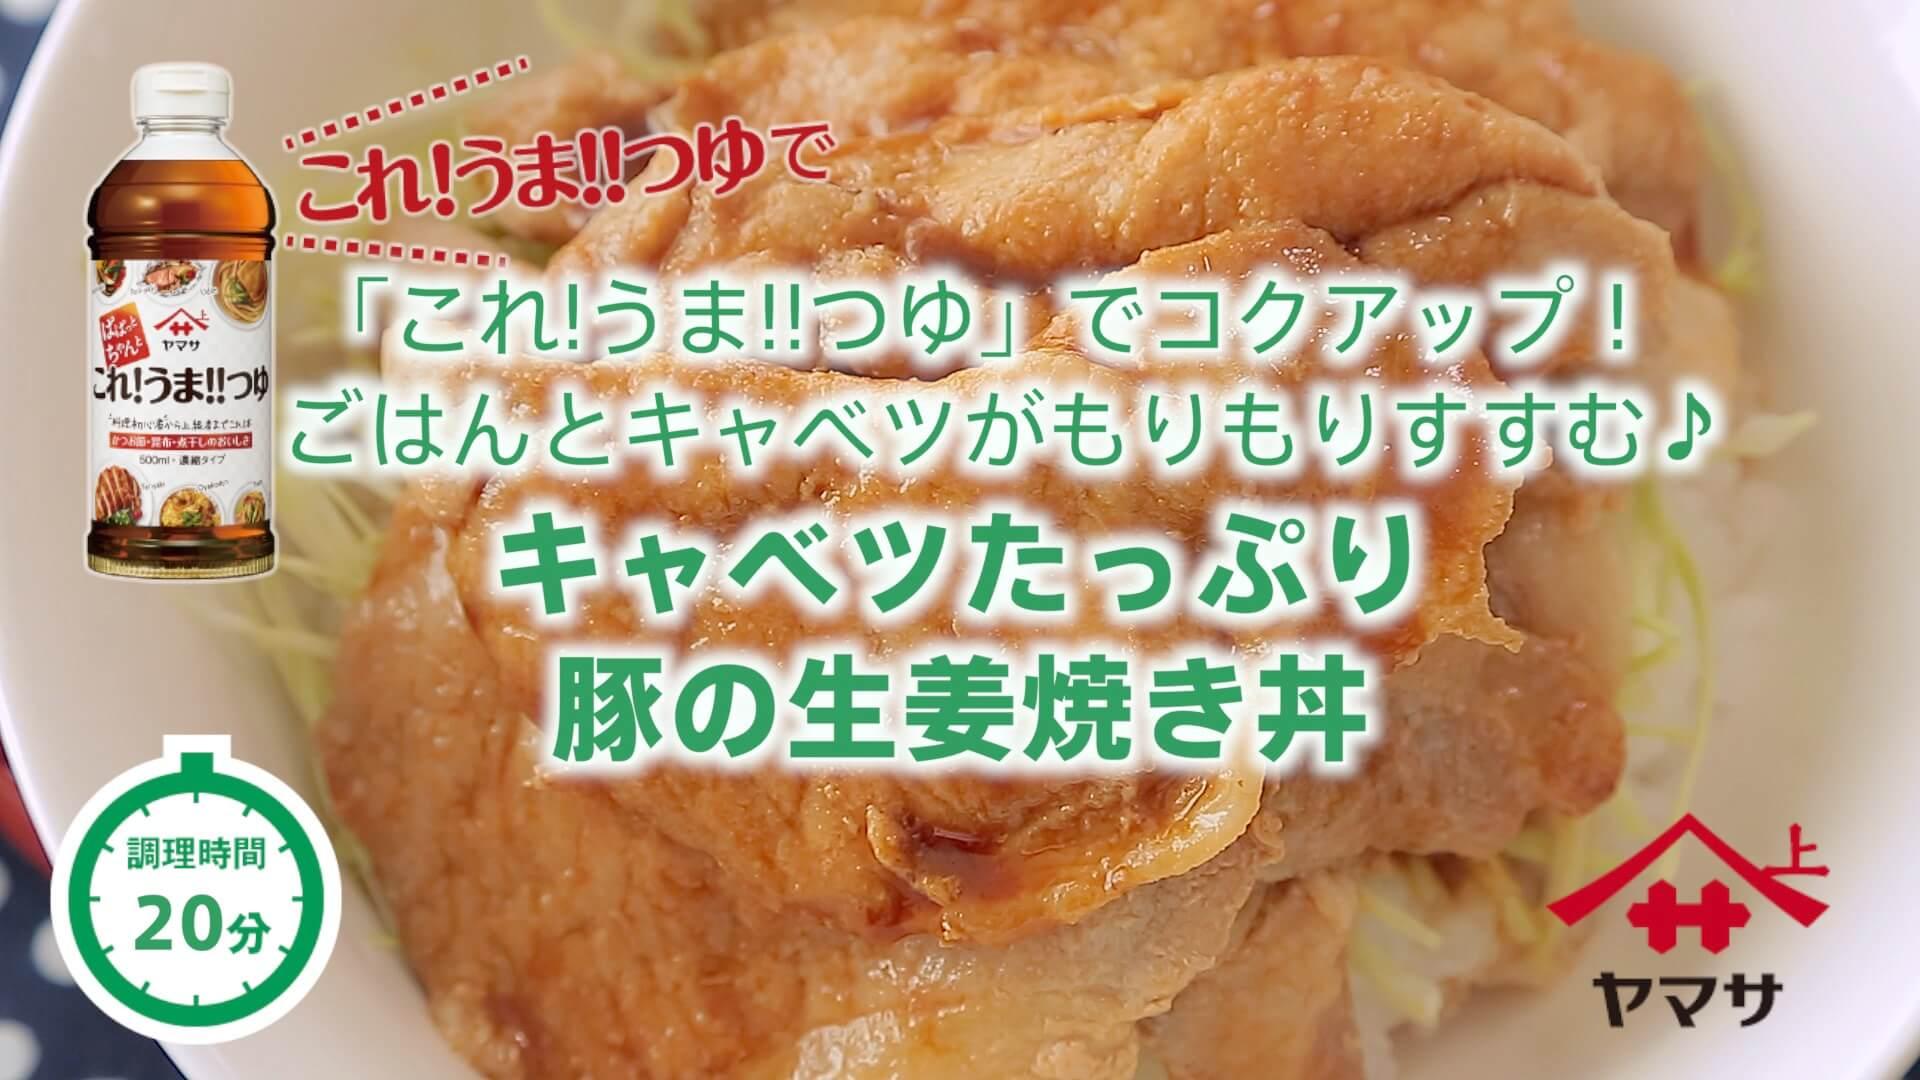 キャベツたっぷり豚の生姜焼き丼